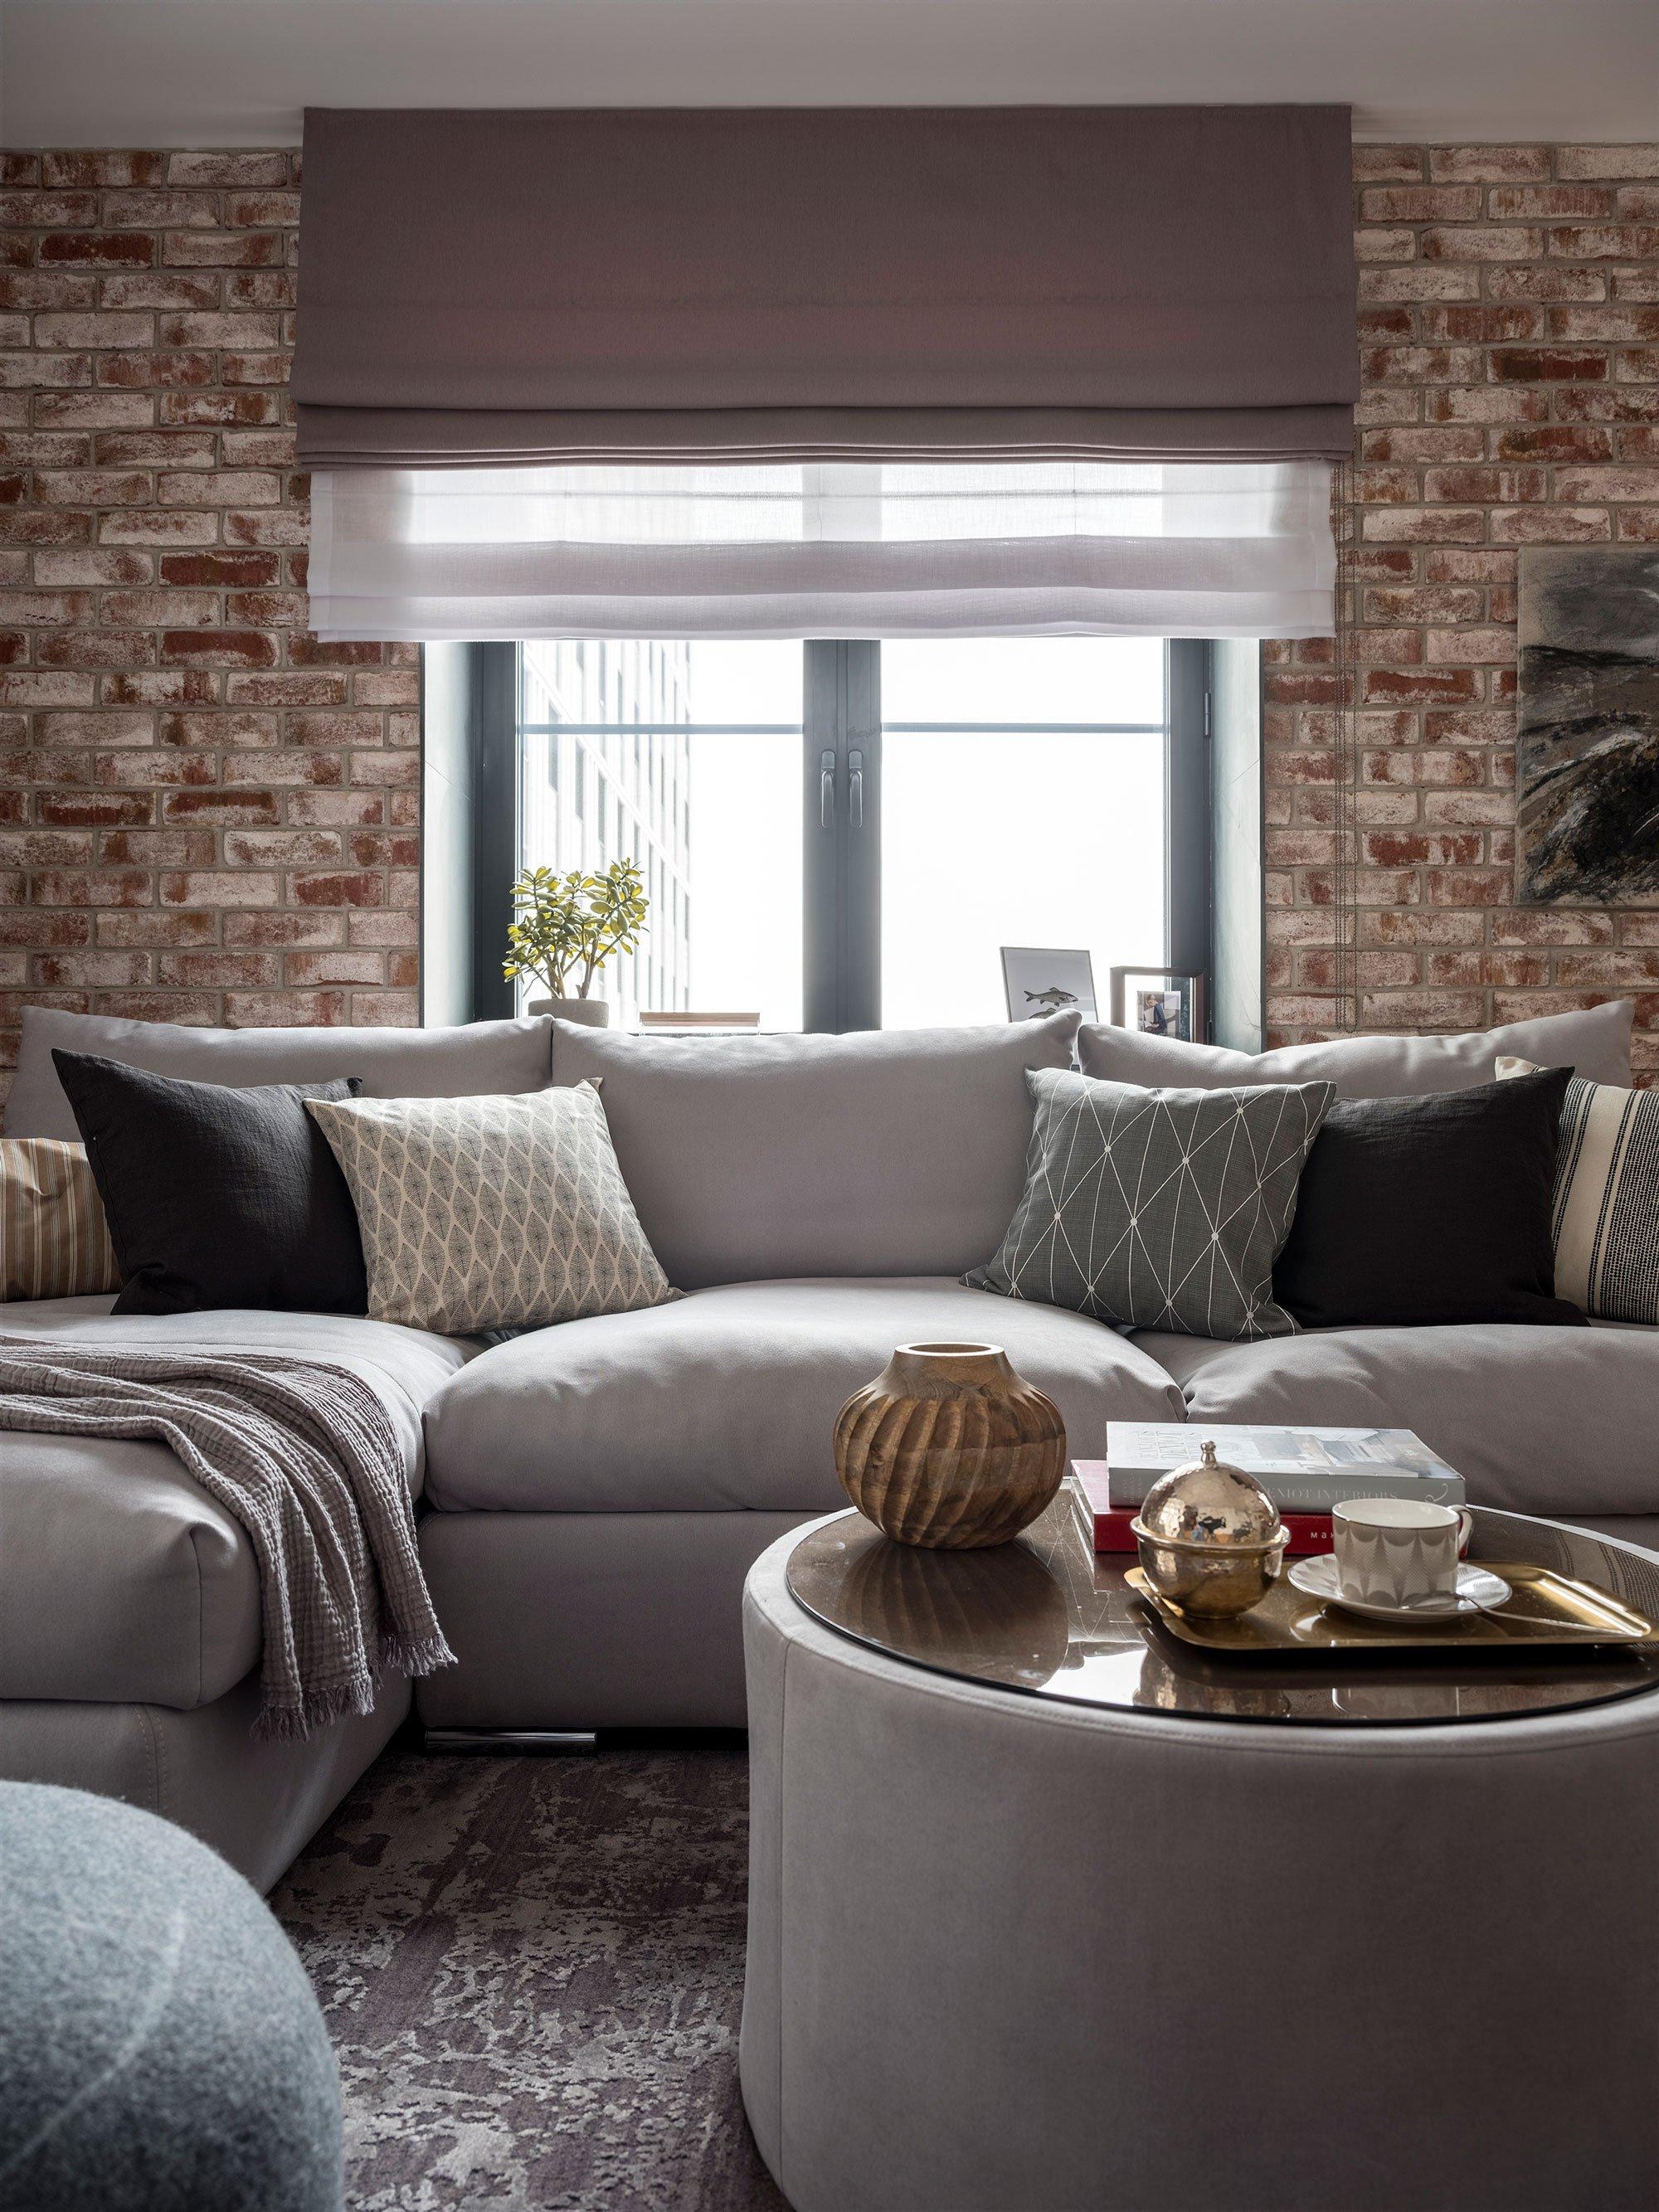 Скандинавский стиль в интерьере холостяцкой квартиры